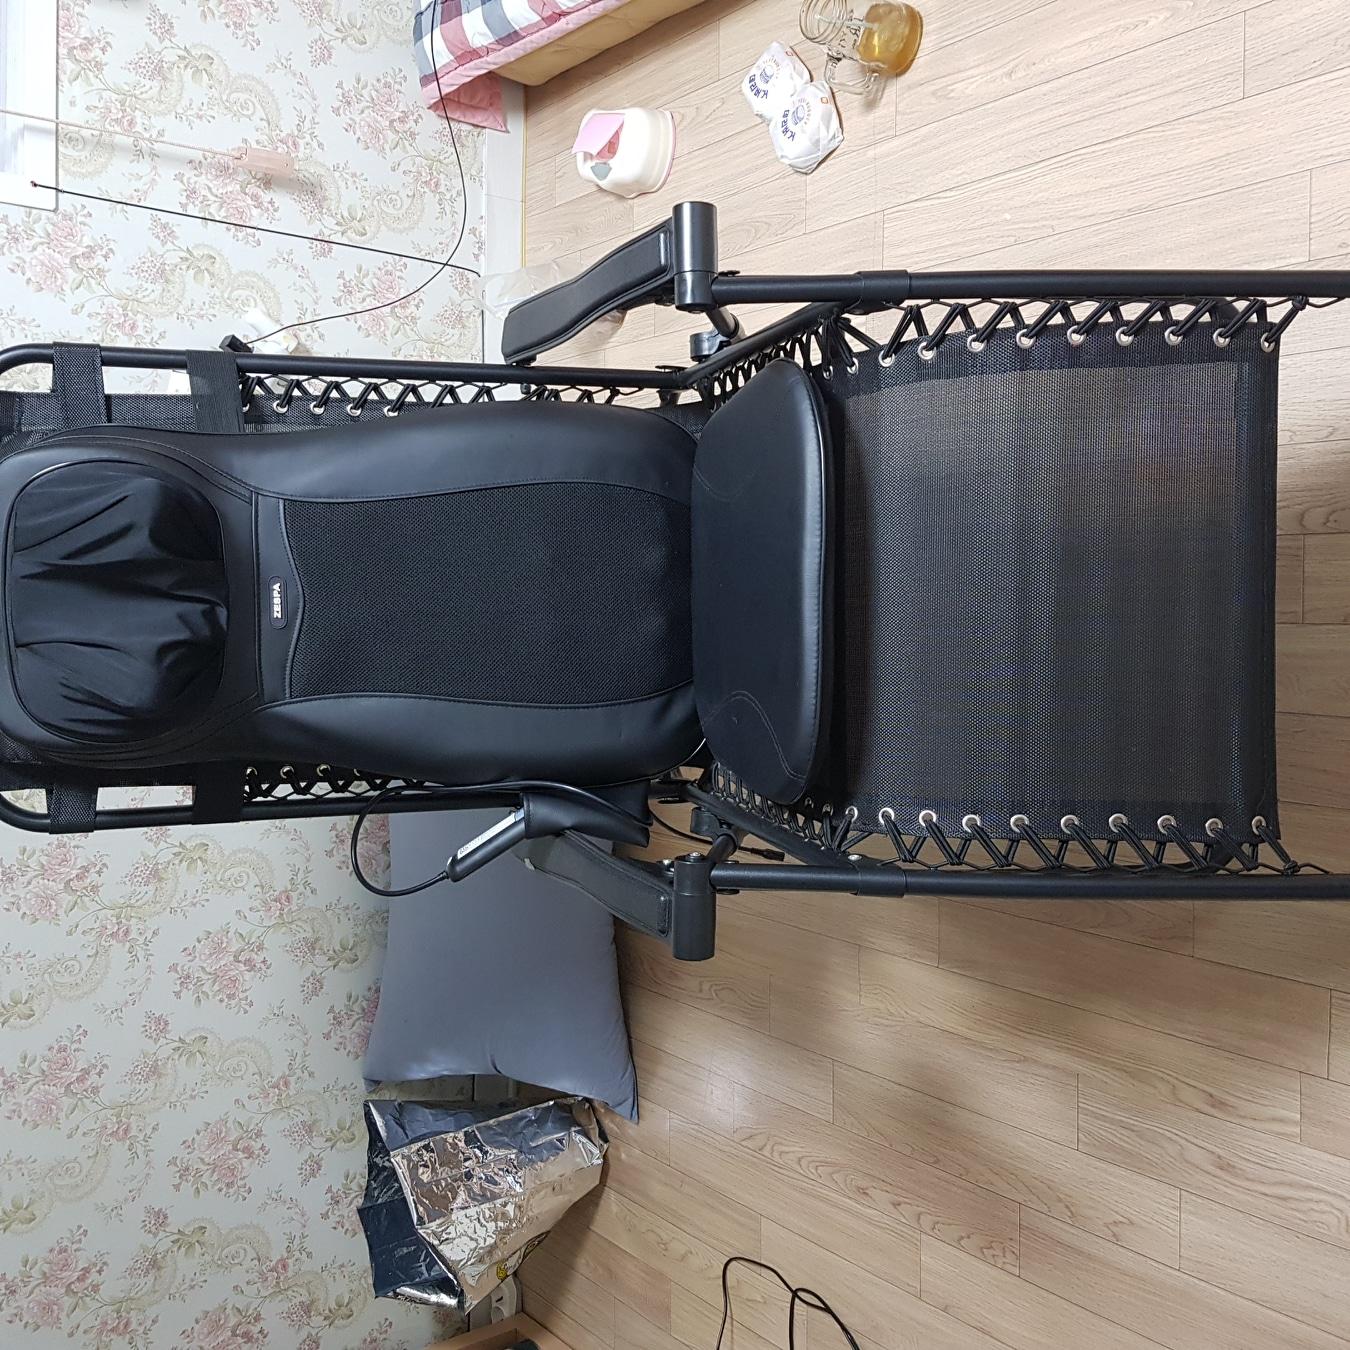 제스파 의자 온열 안마기